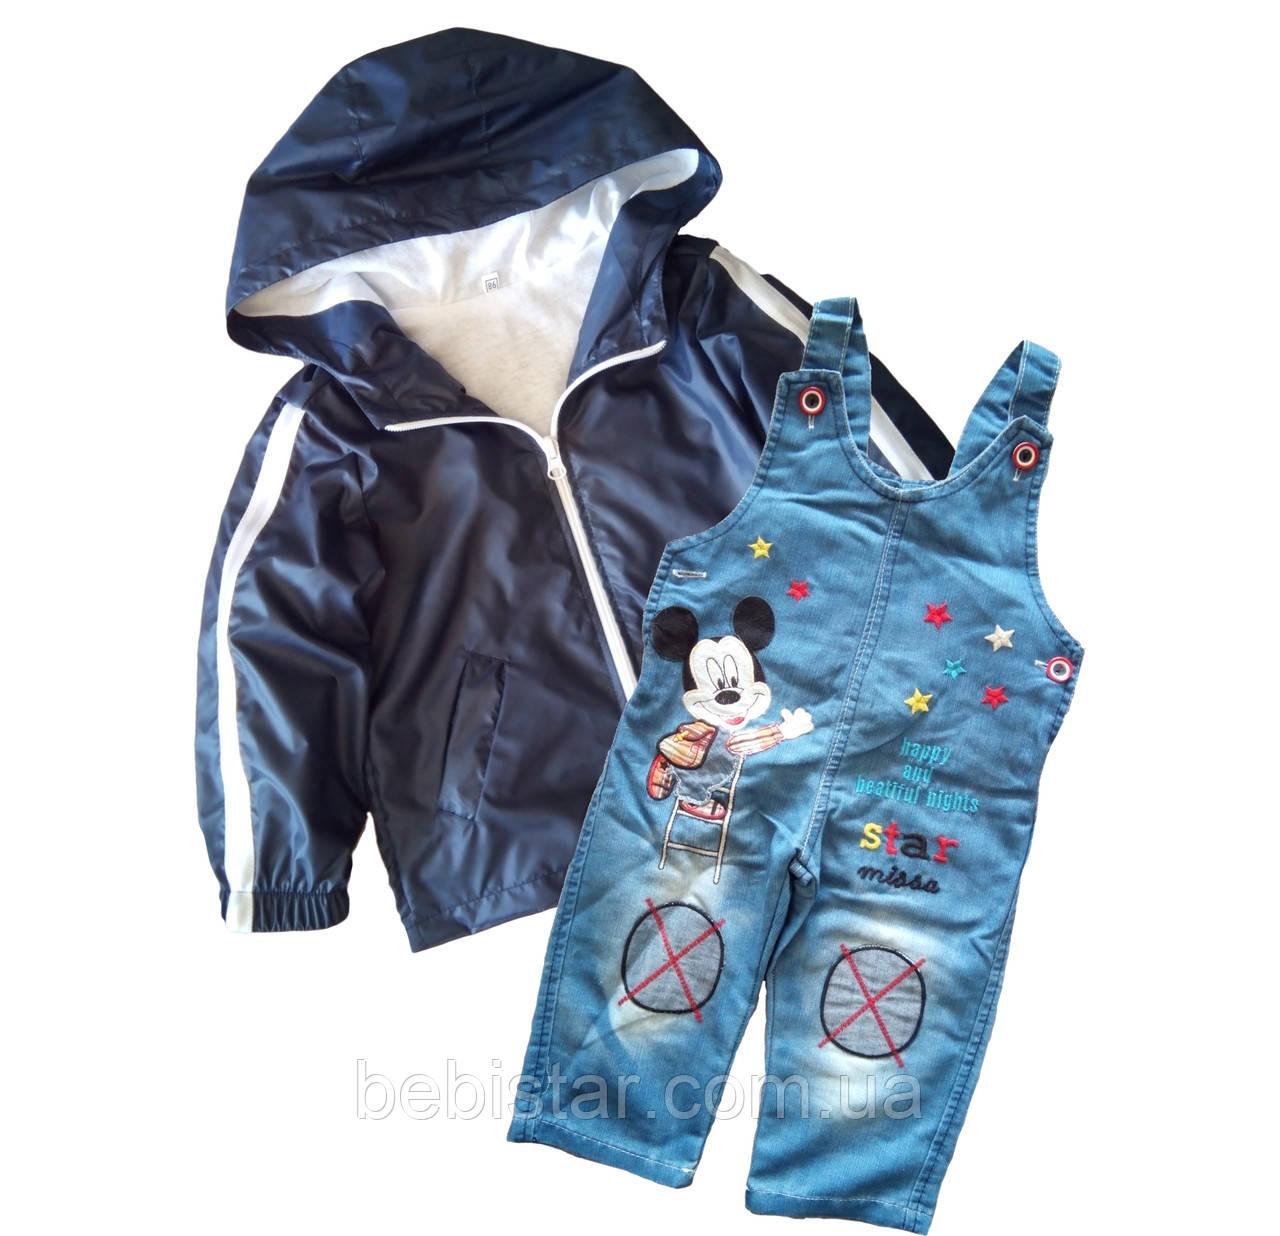 Ветровка синяя и комбинезон для мальчика 1-3 года